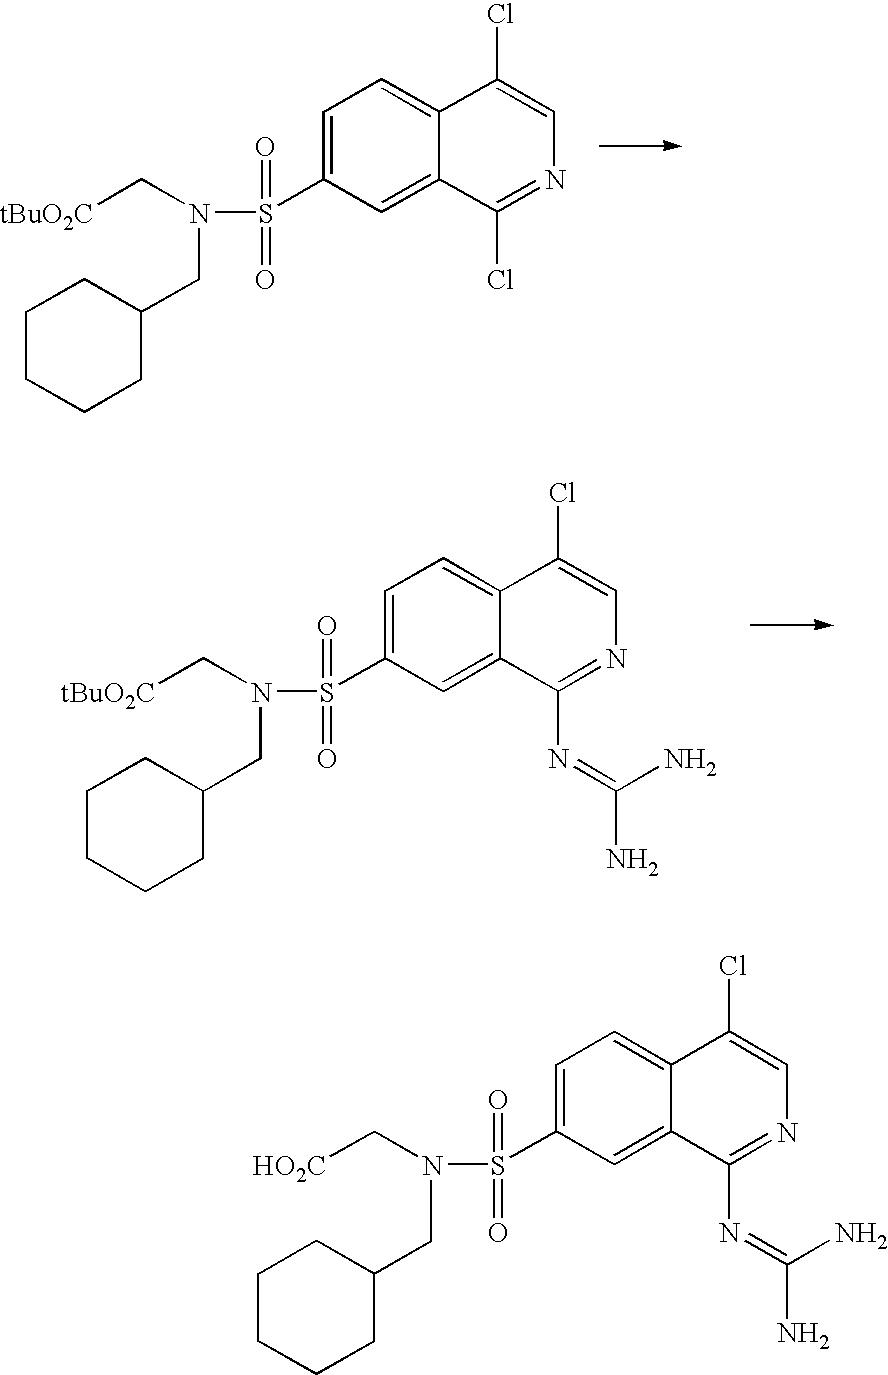 Figure US20030199440A1-20031023-C00043